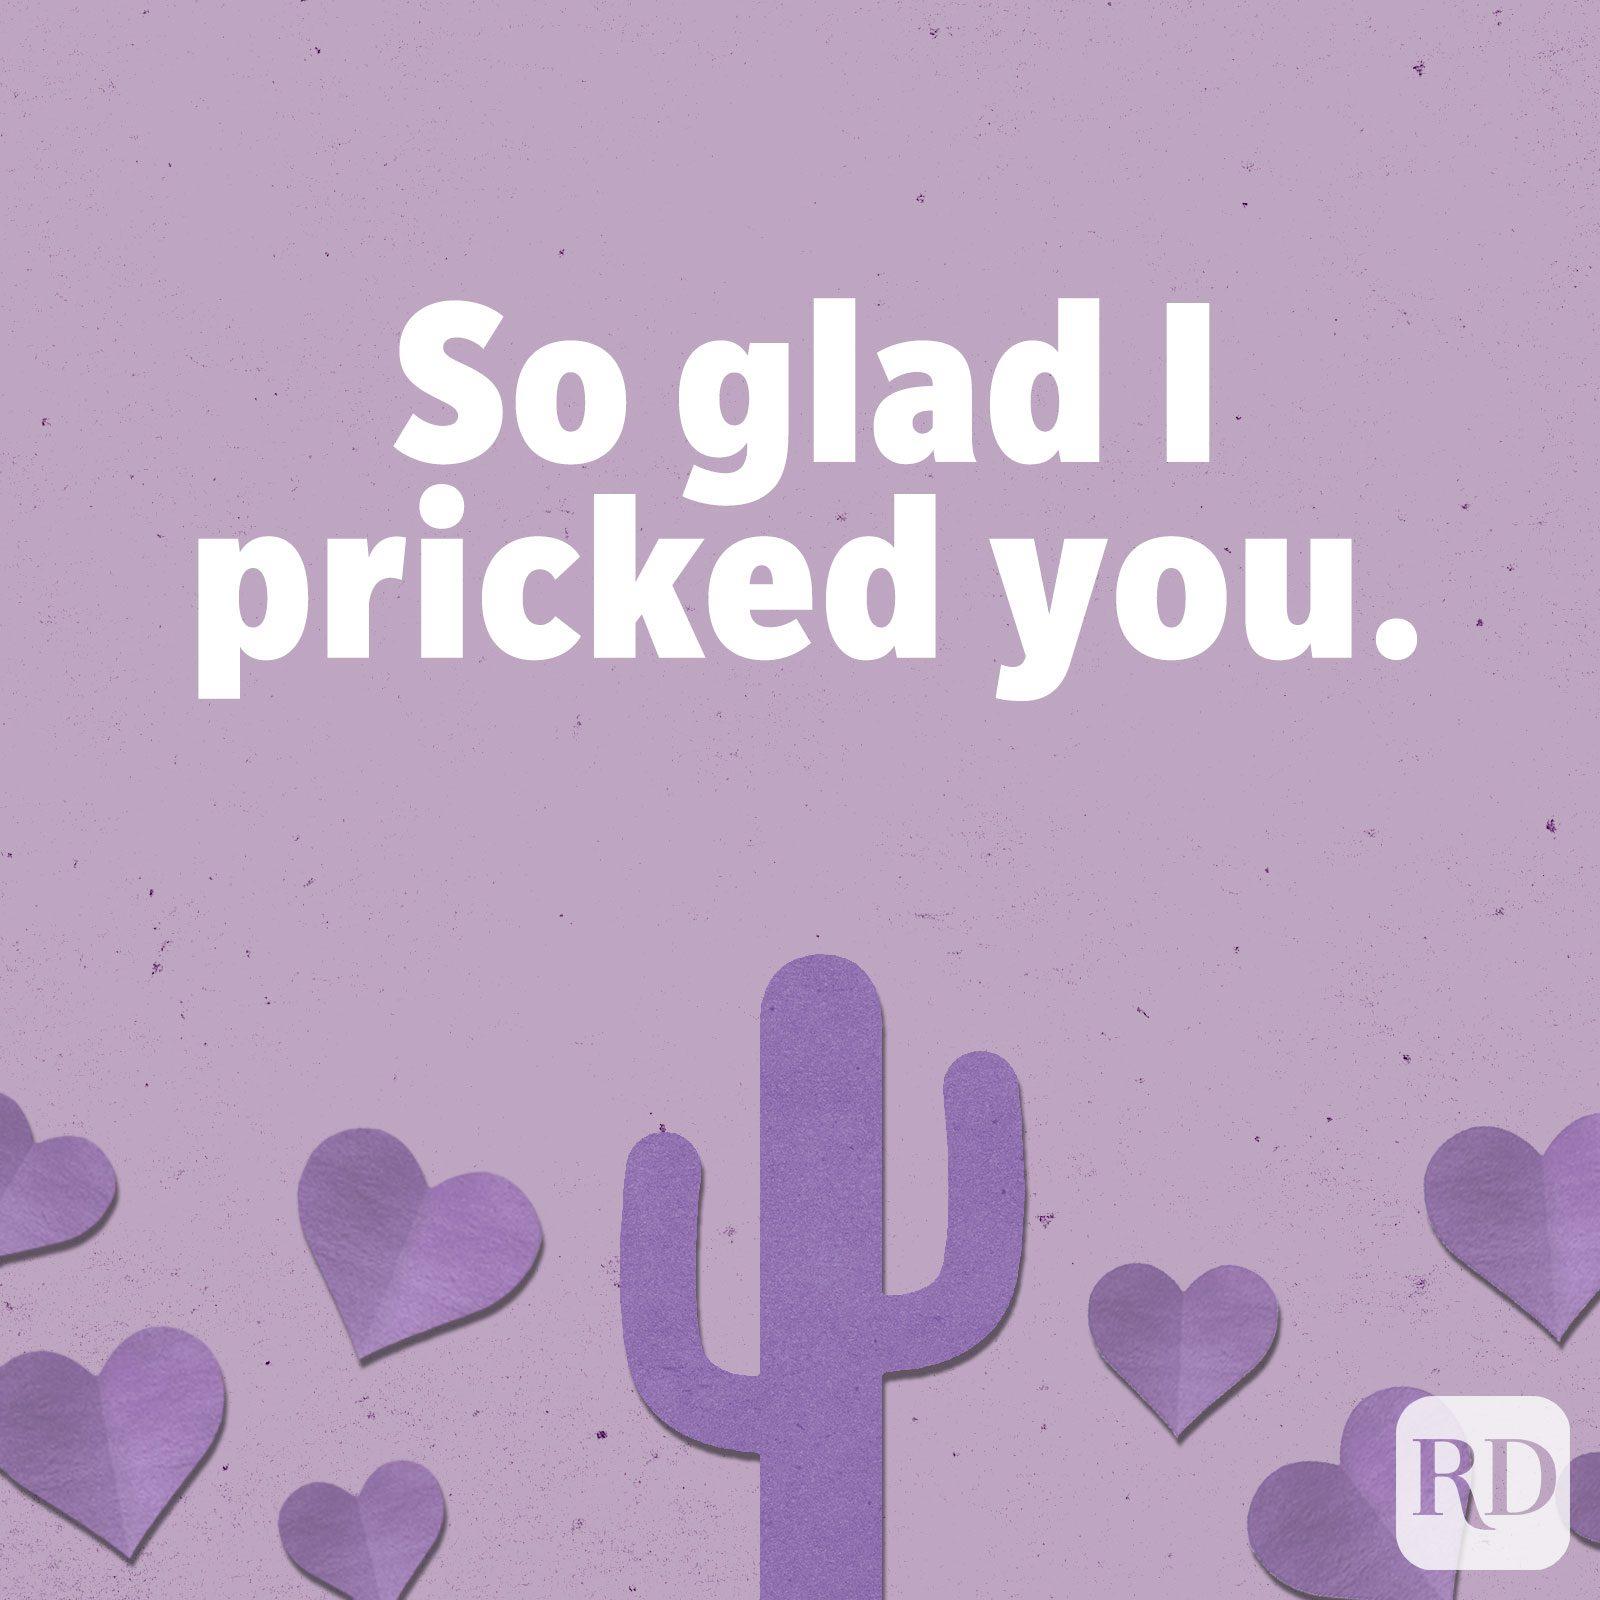 So glad I pricked you.